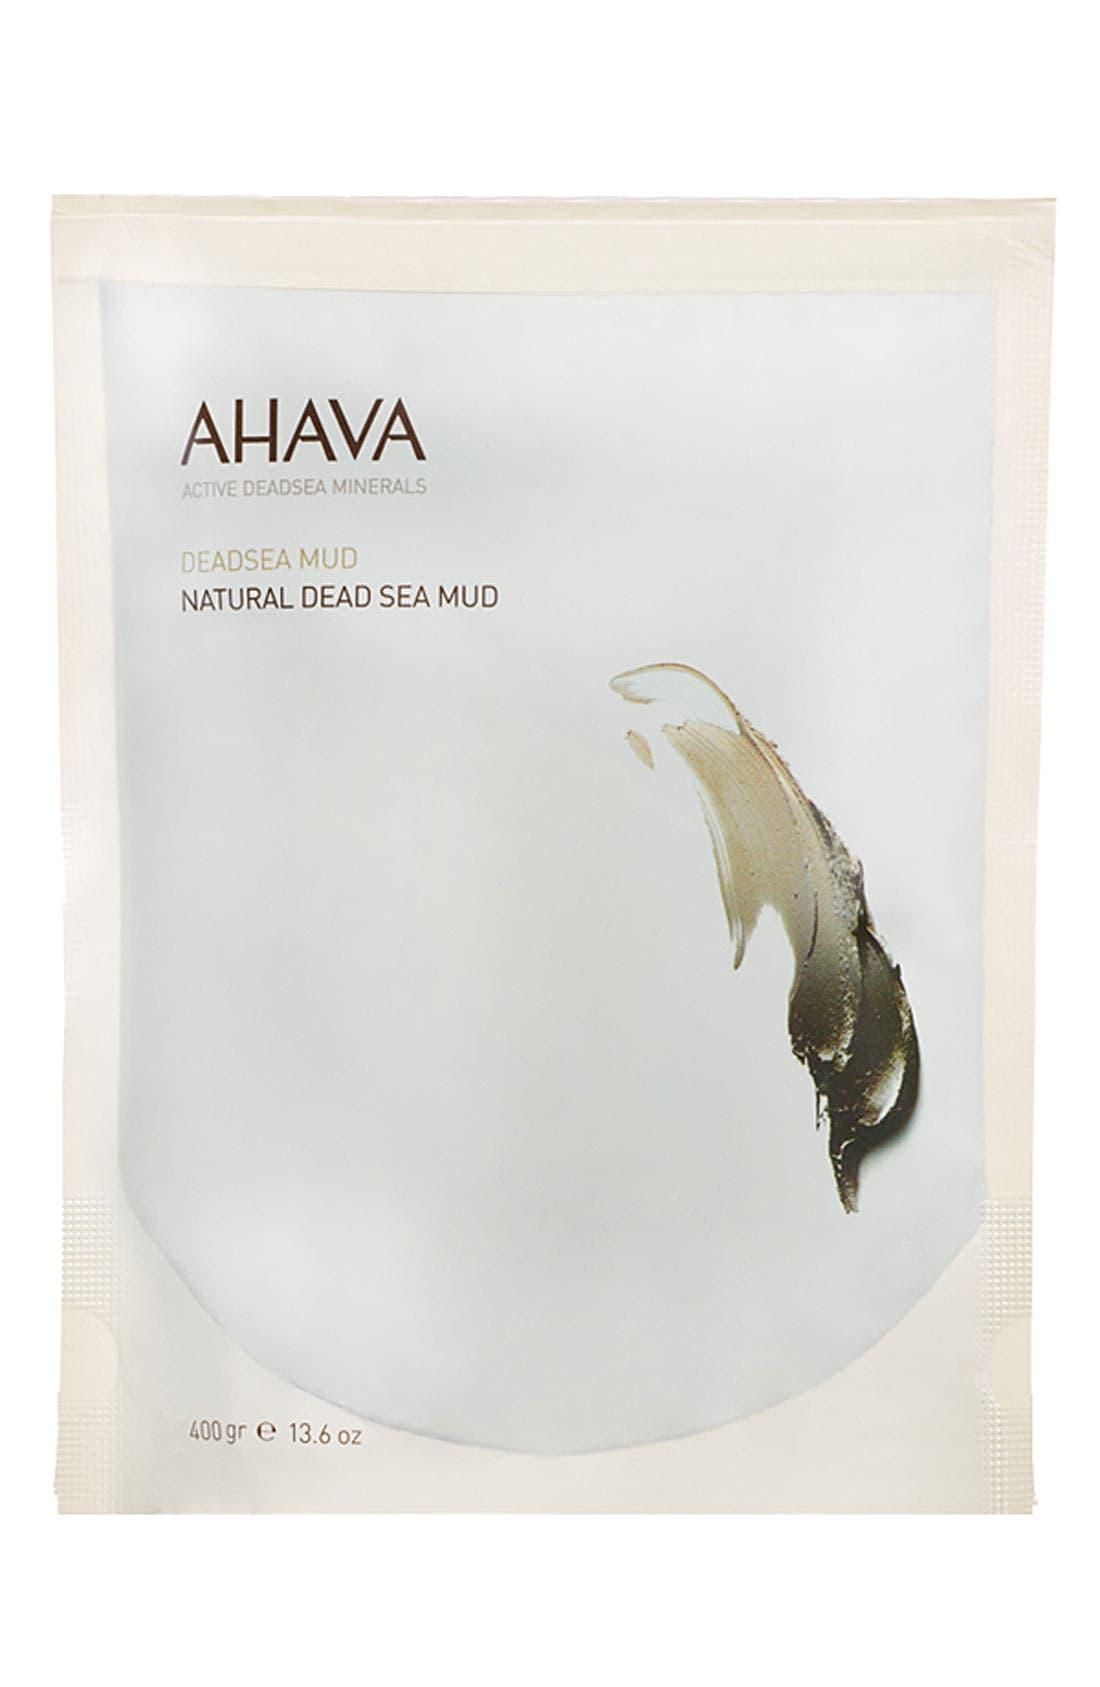 AHAVA Natural Dead Sea Mud